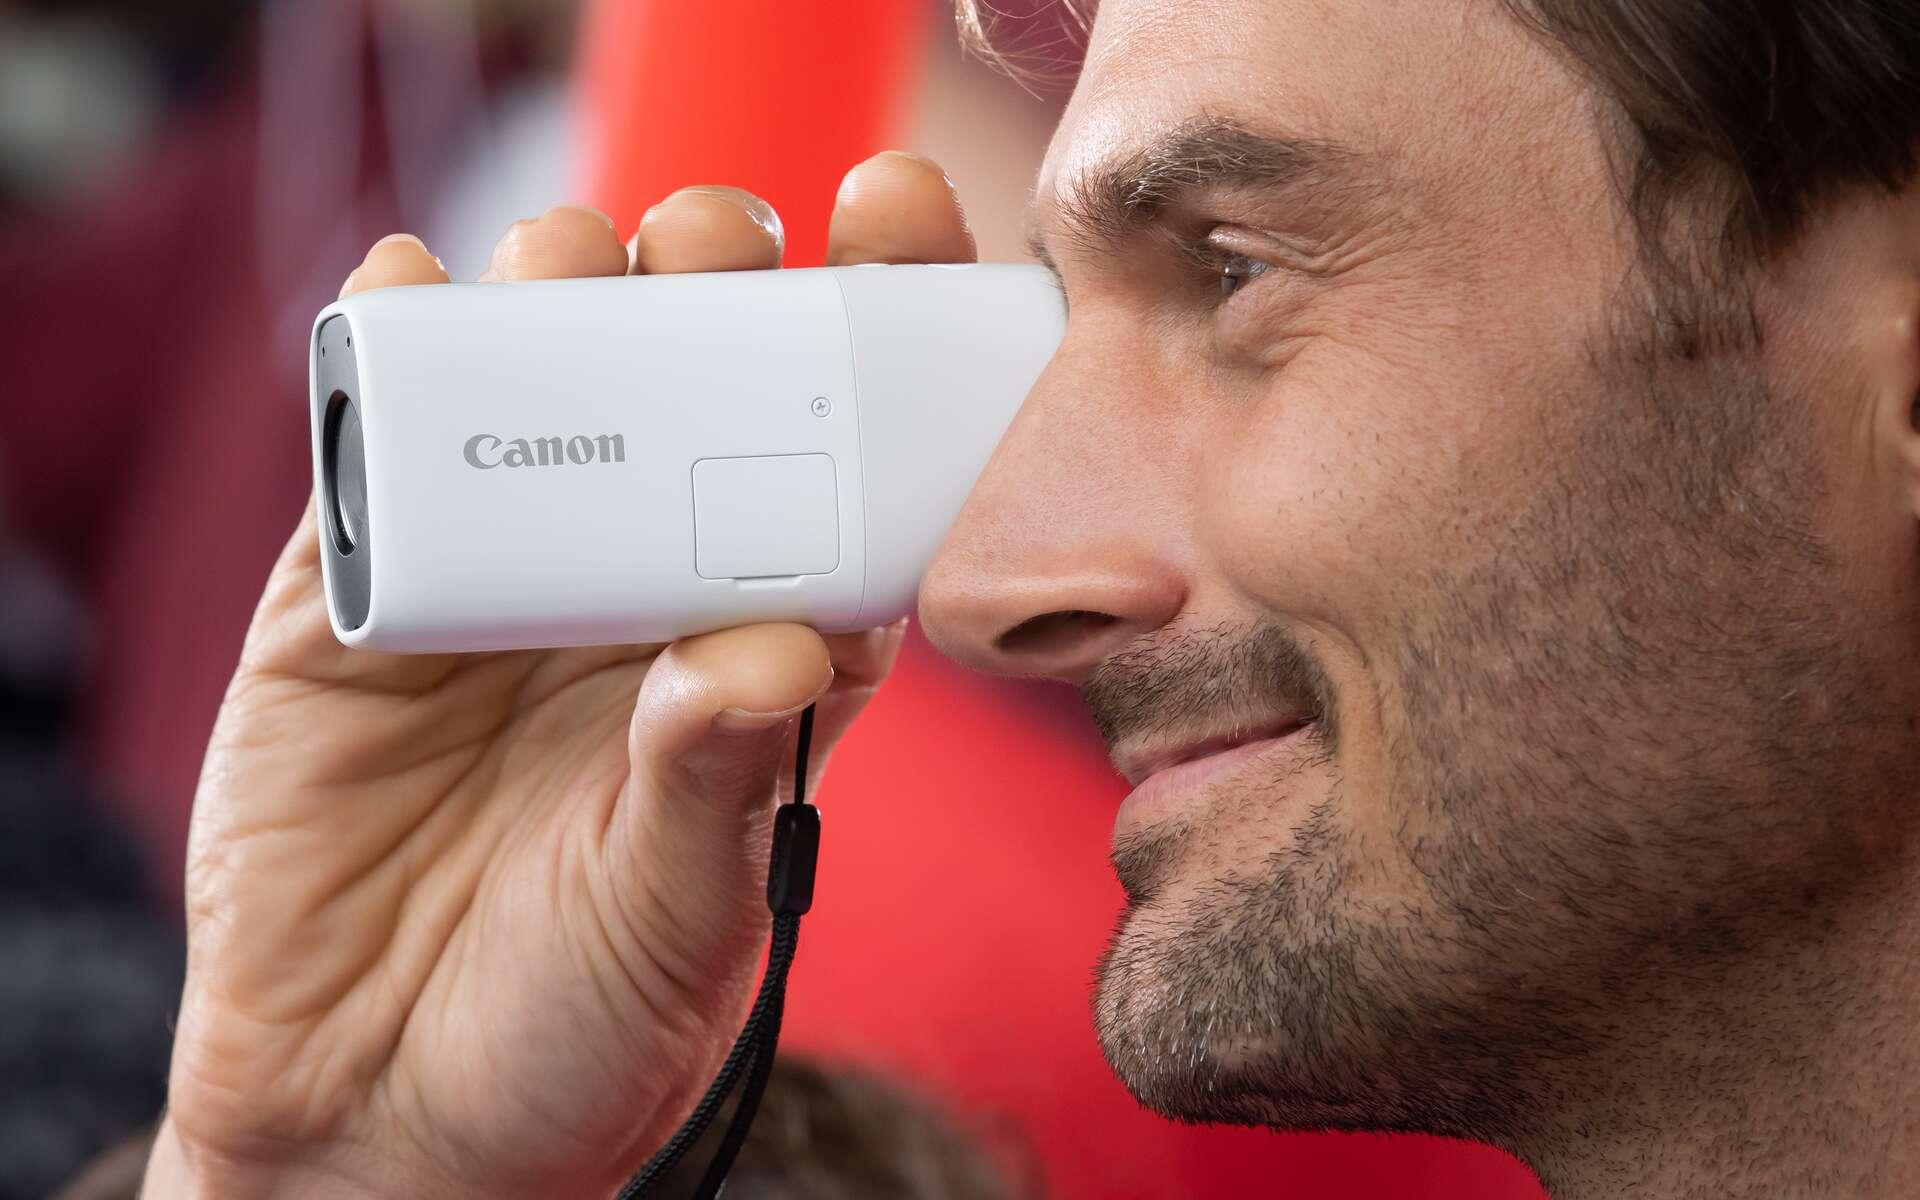 Test : faut-il craquer pour la longue-vue numérique PowerShot Zoom ? - Futura